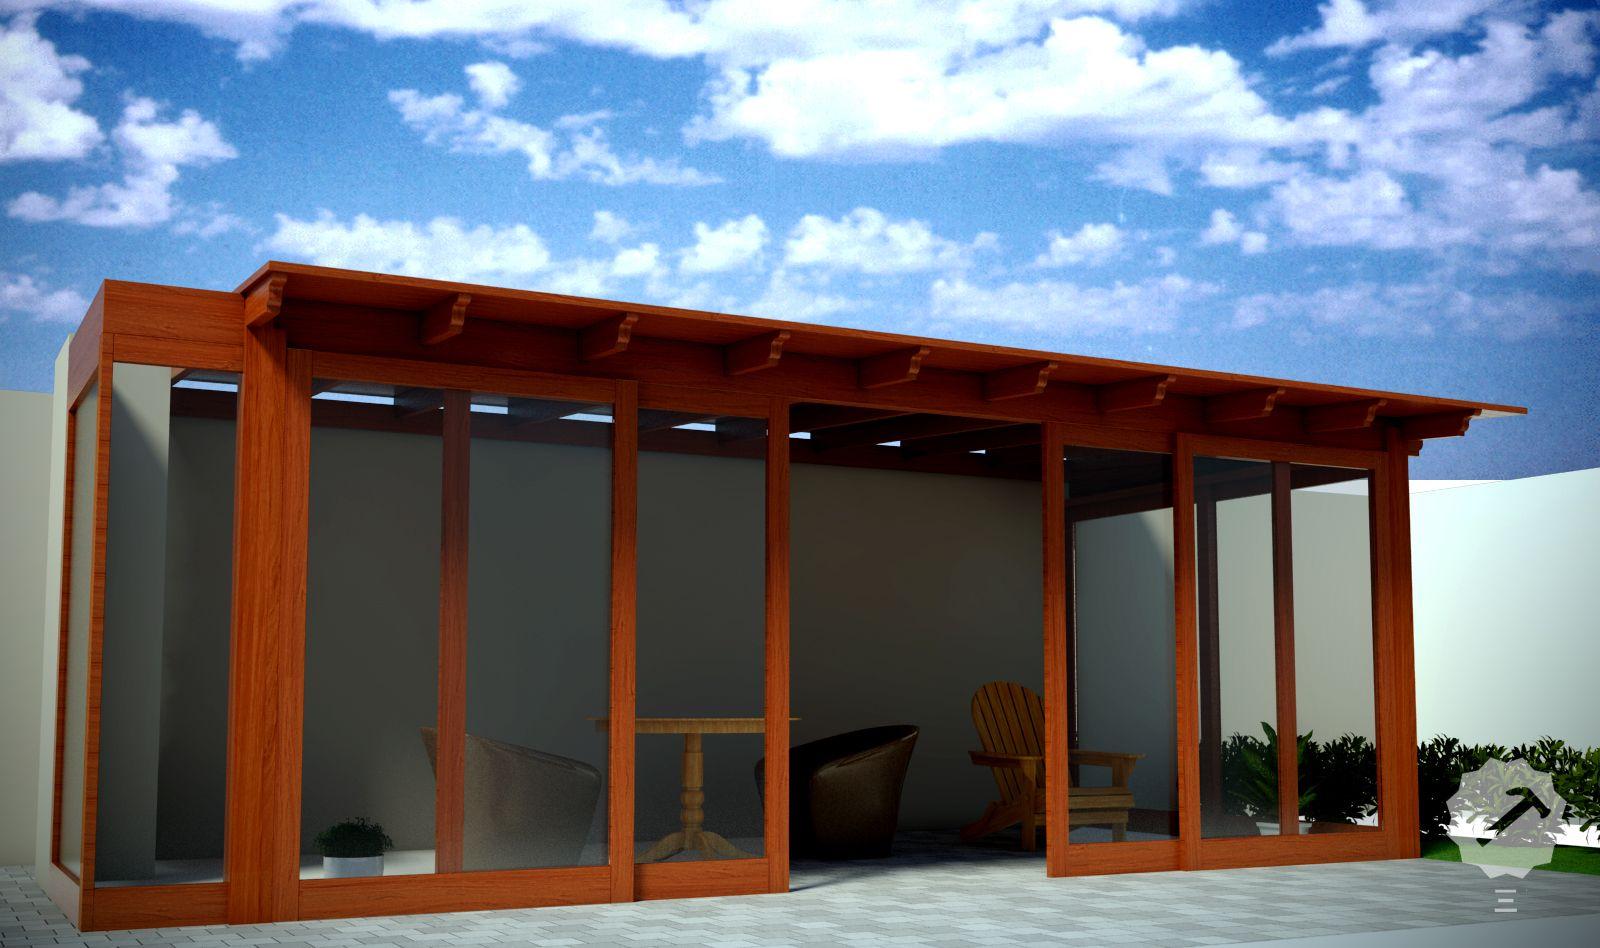 Techo terraza m s mamparas de vidrio con marco de madera for Terrazas cerradas con madera